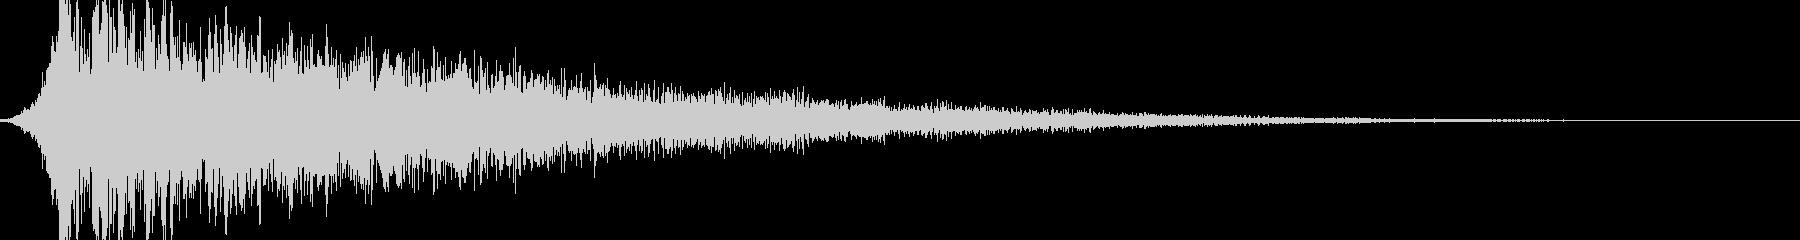 映画風 ダークでカッコいいサウンドロゴの未再生の波形